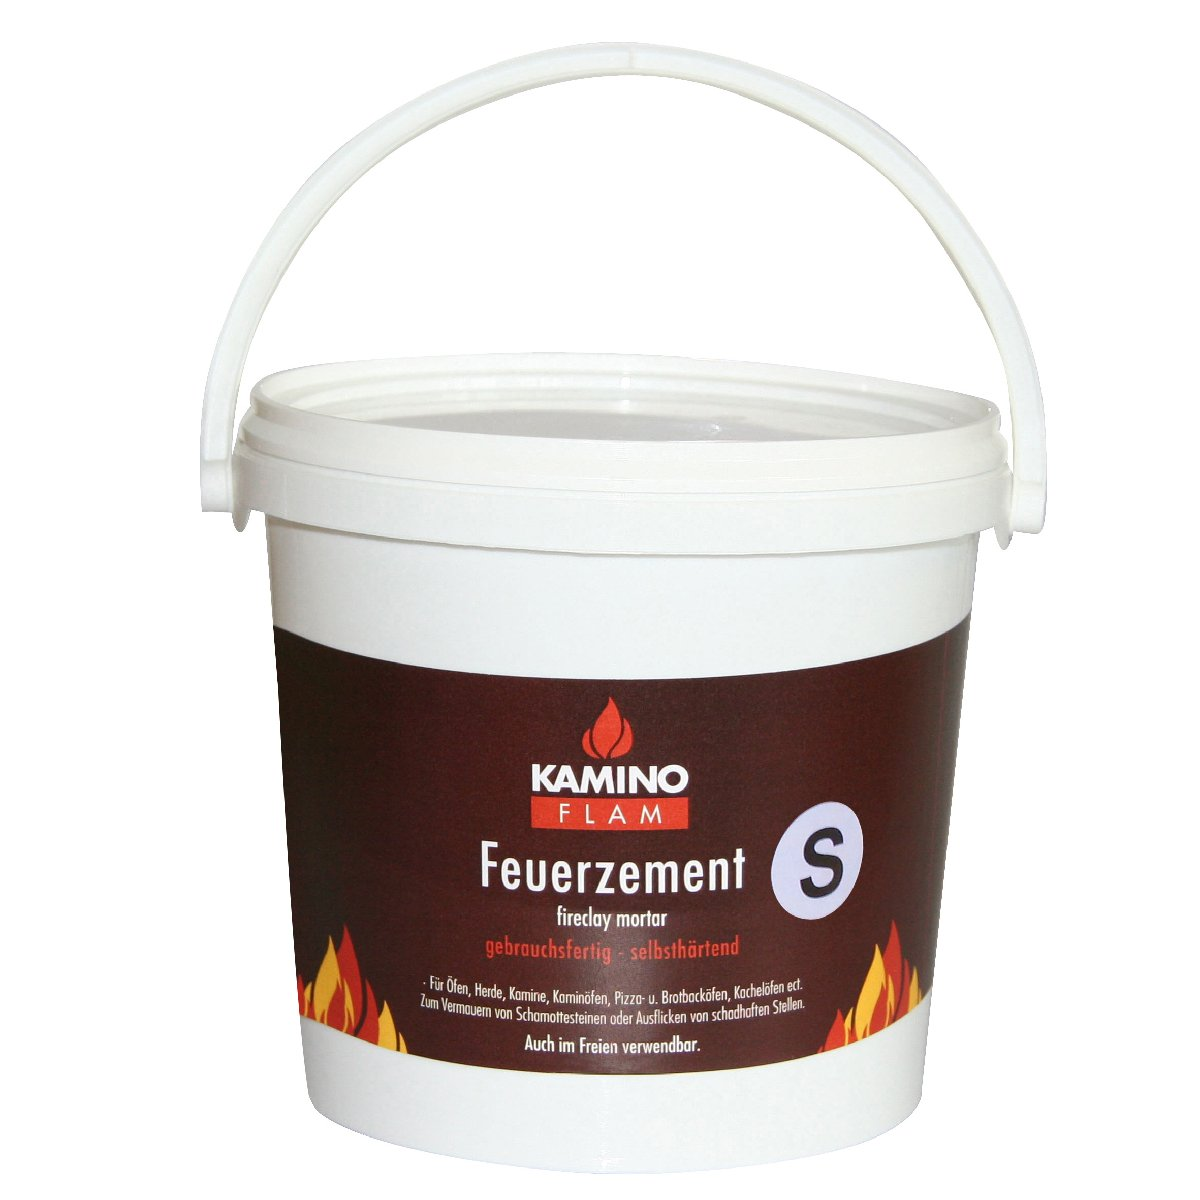 Kamino-Flam 122696 Cemento Refrattario S in Secchio, Grigio, 3 kg Kamino - Flam